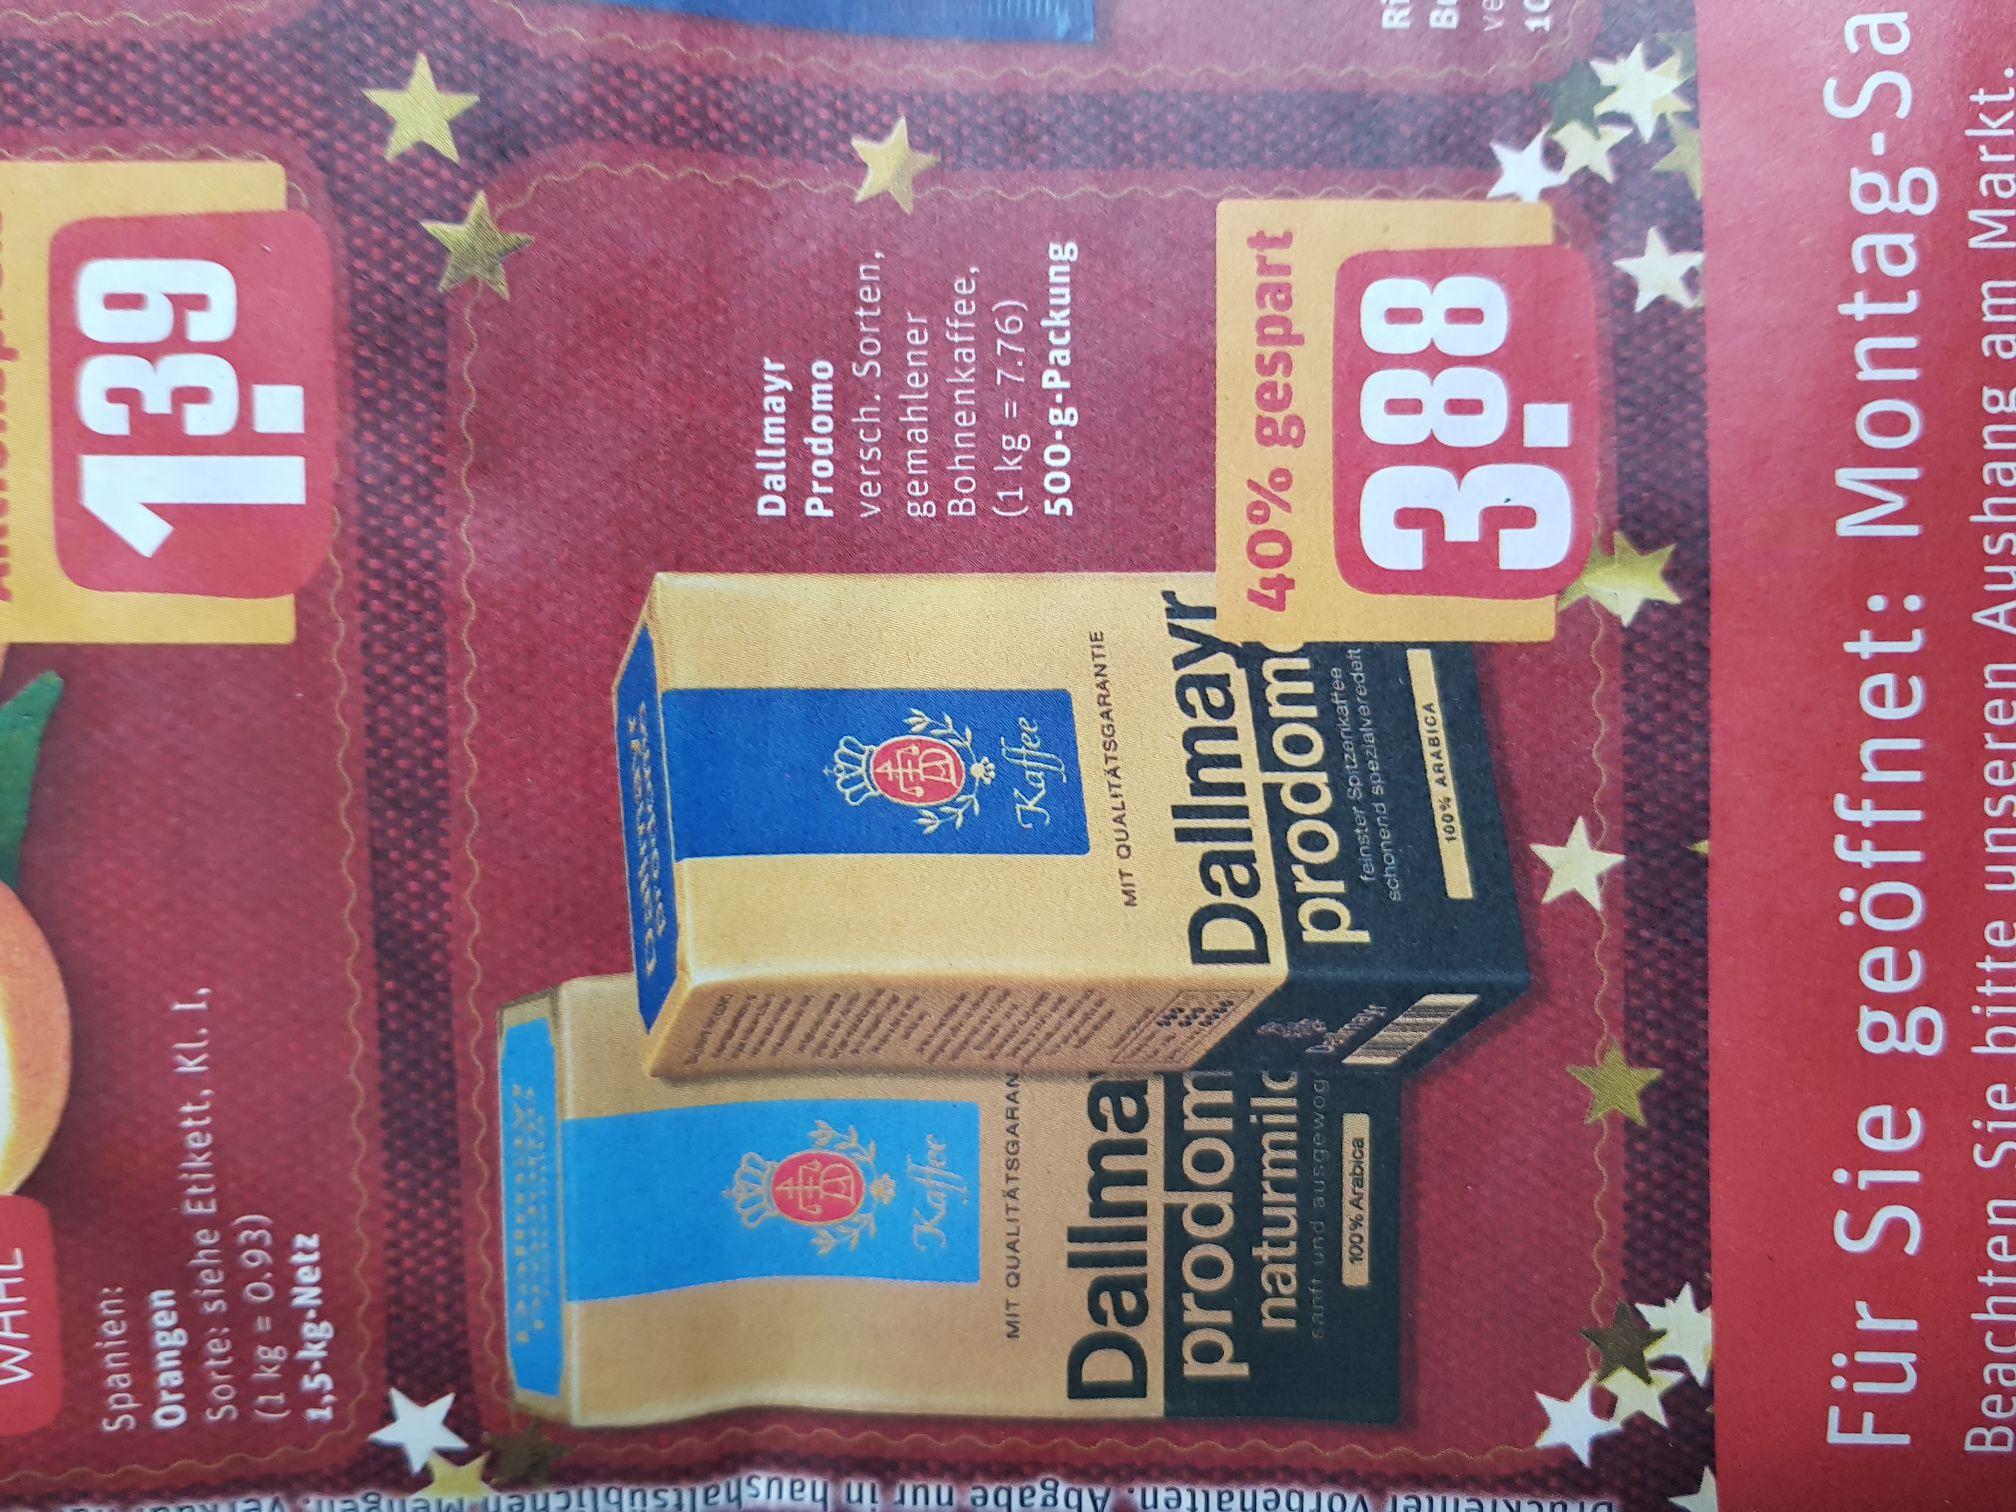 (Rewe) ab 18.12. Dallmayr Prodomo für 3.88€